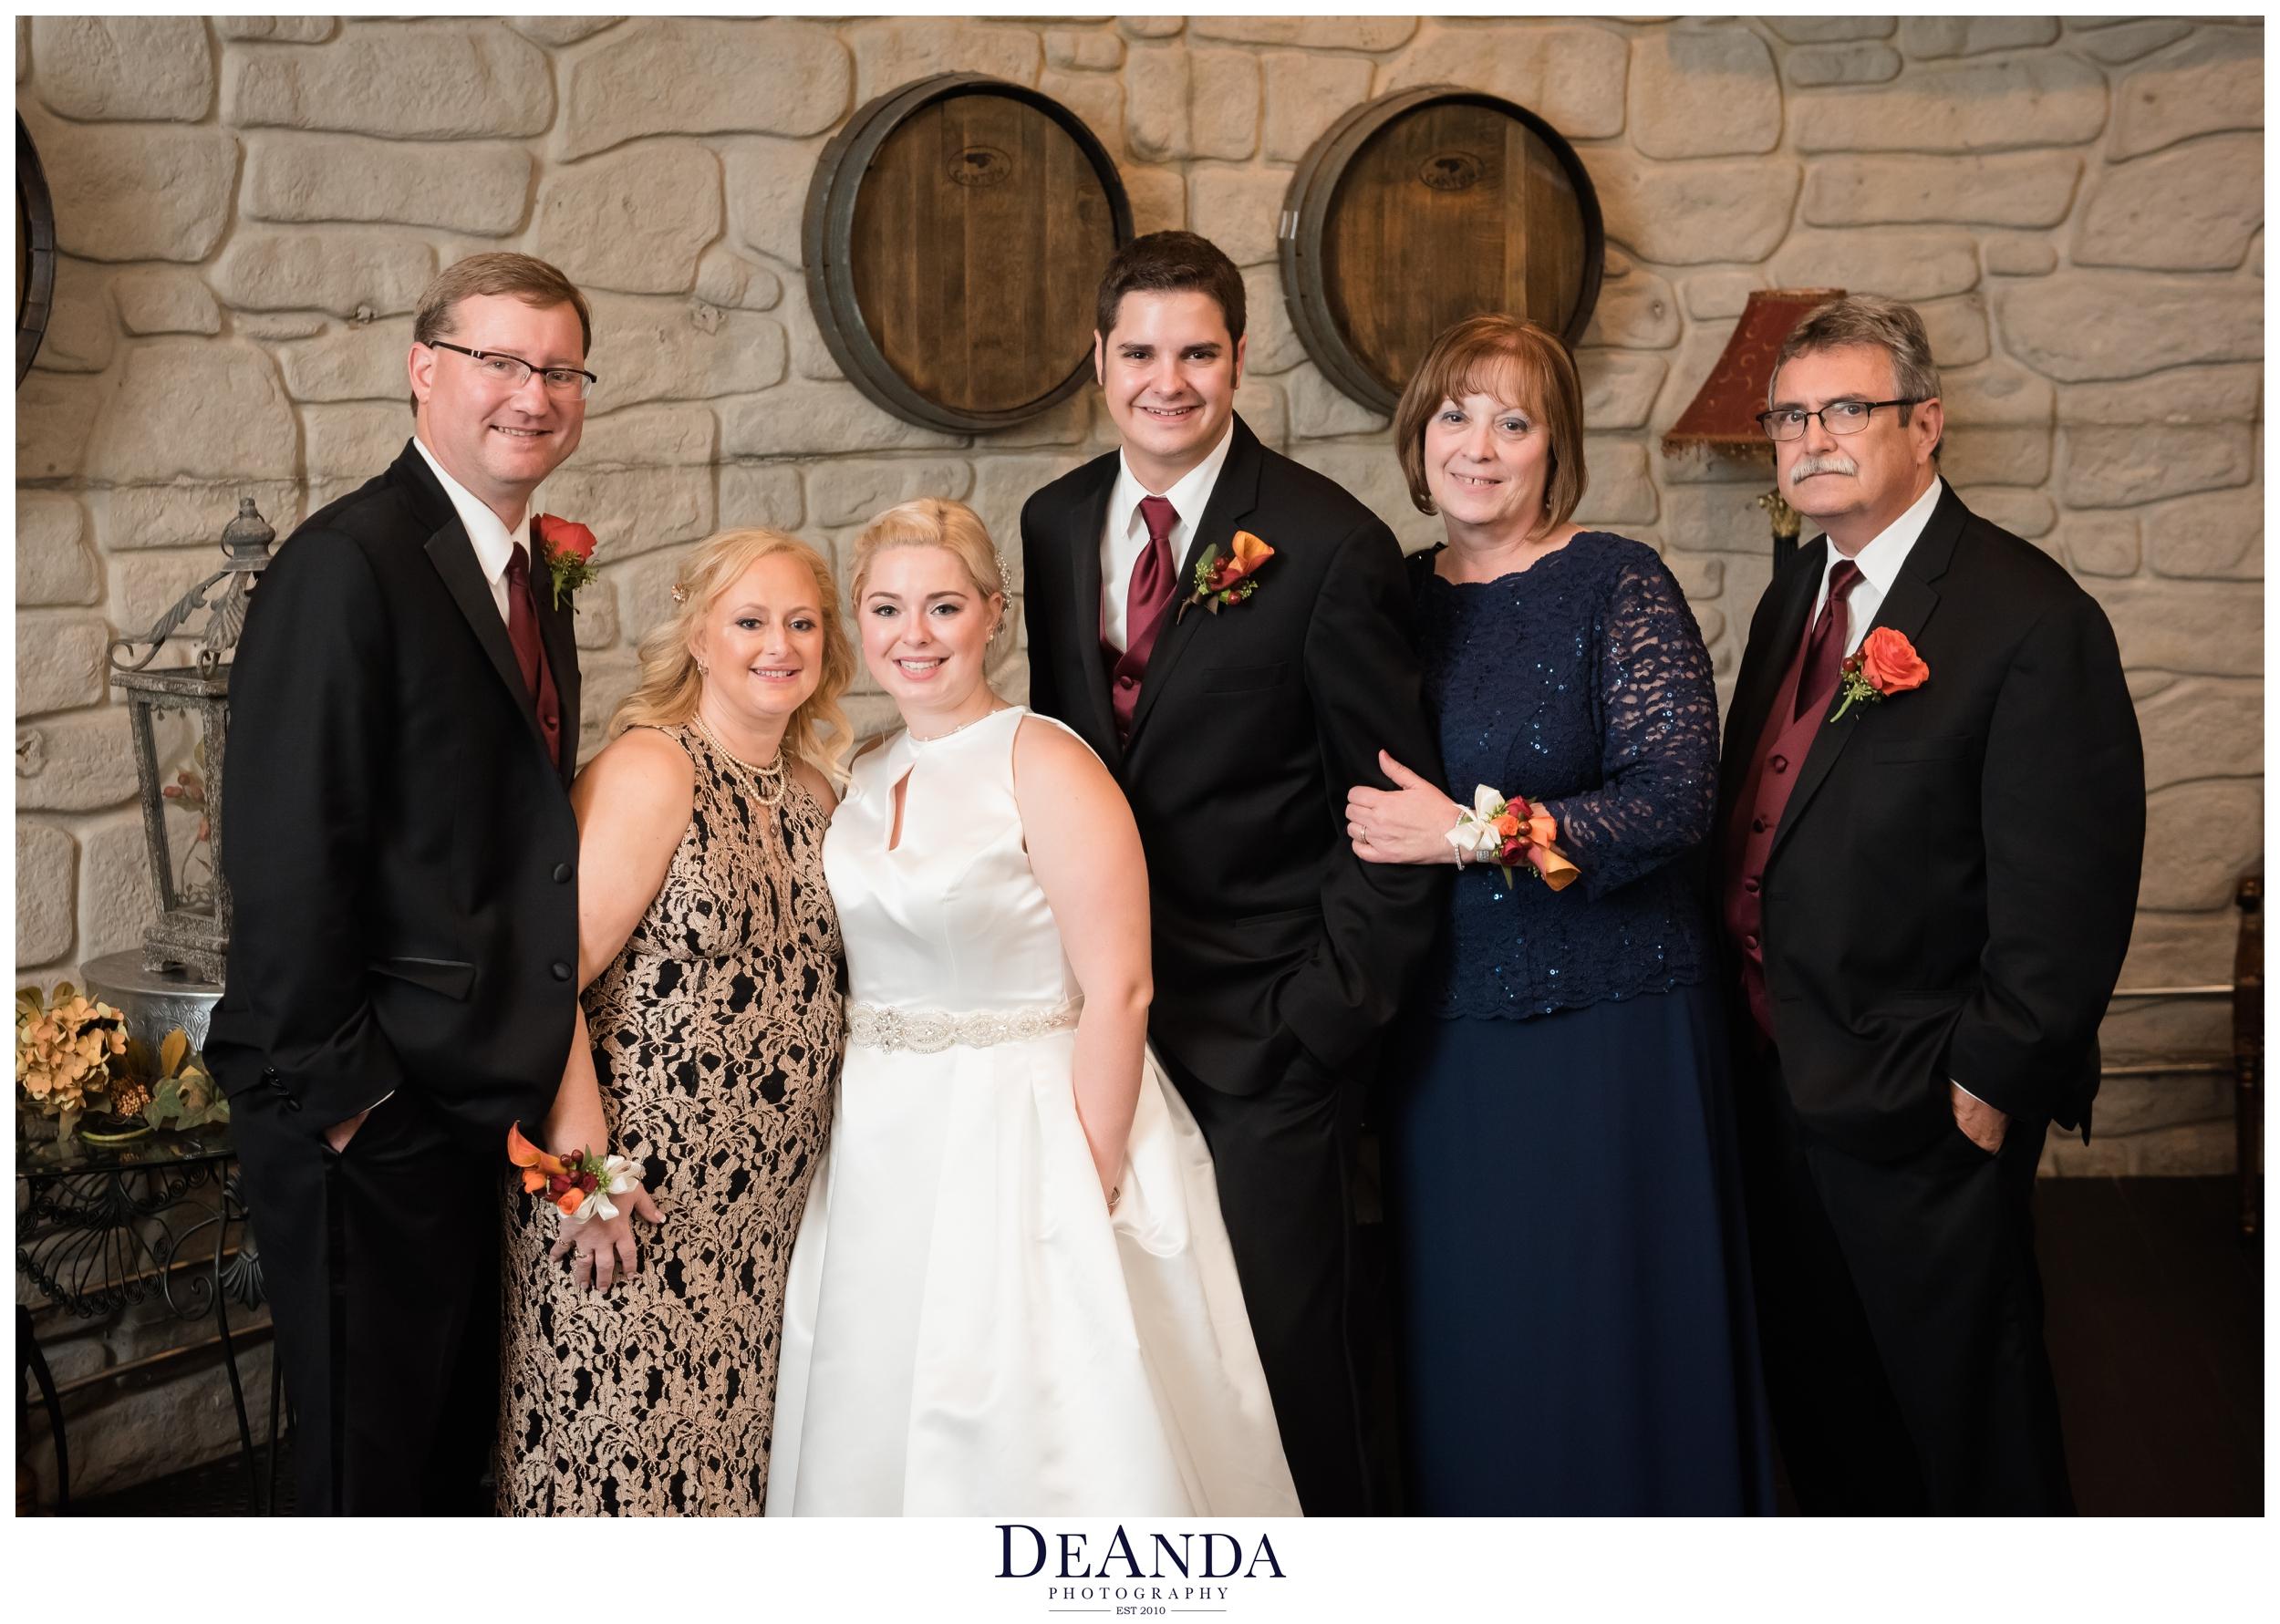 family formals photos at acquaviva winery